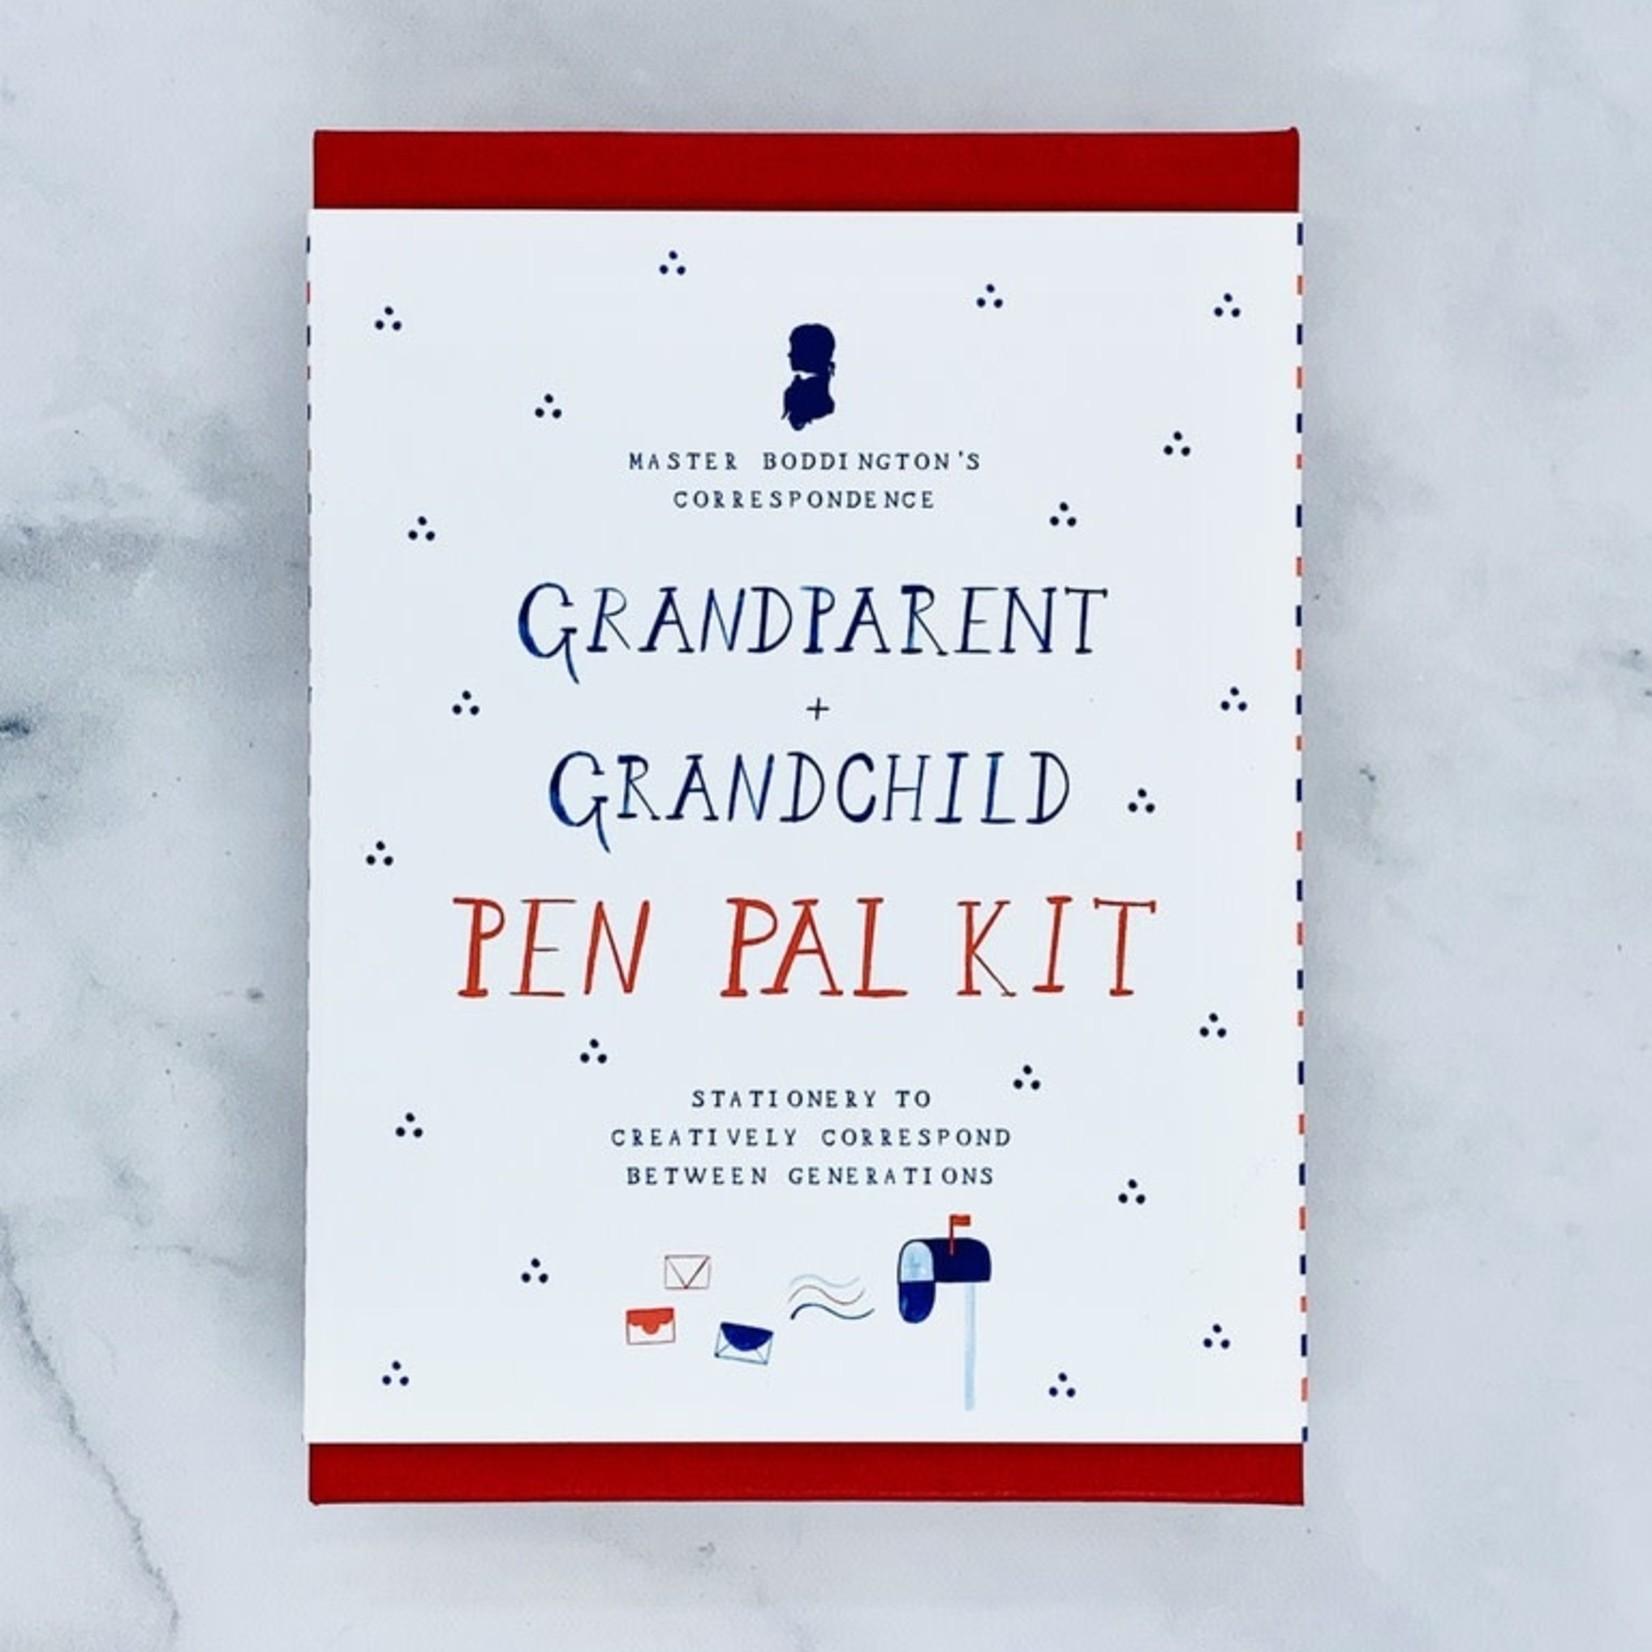 Mr. Boddington's Studio Grandparent & Grandchild Pen Pal Kit